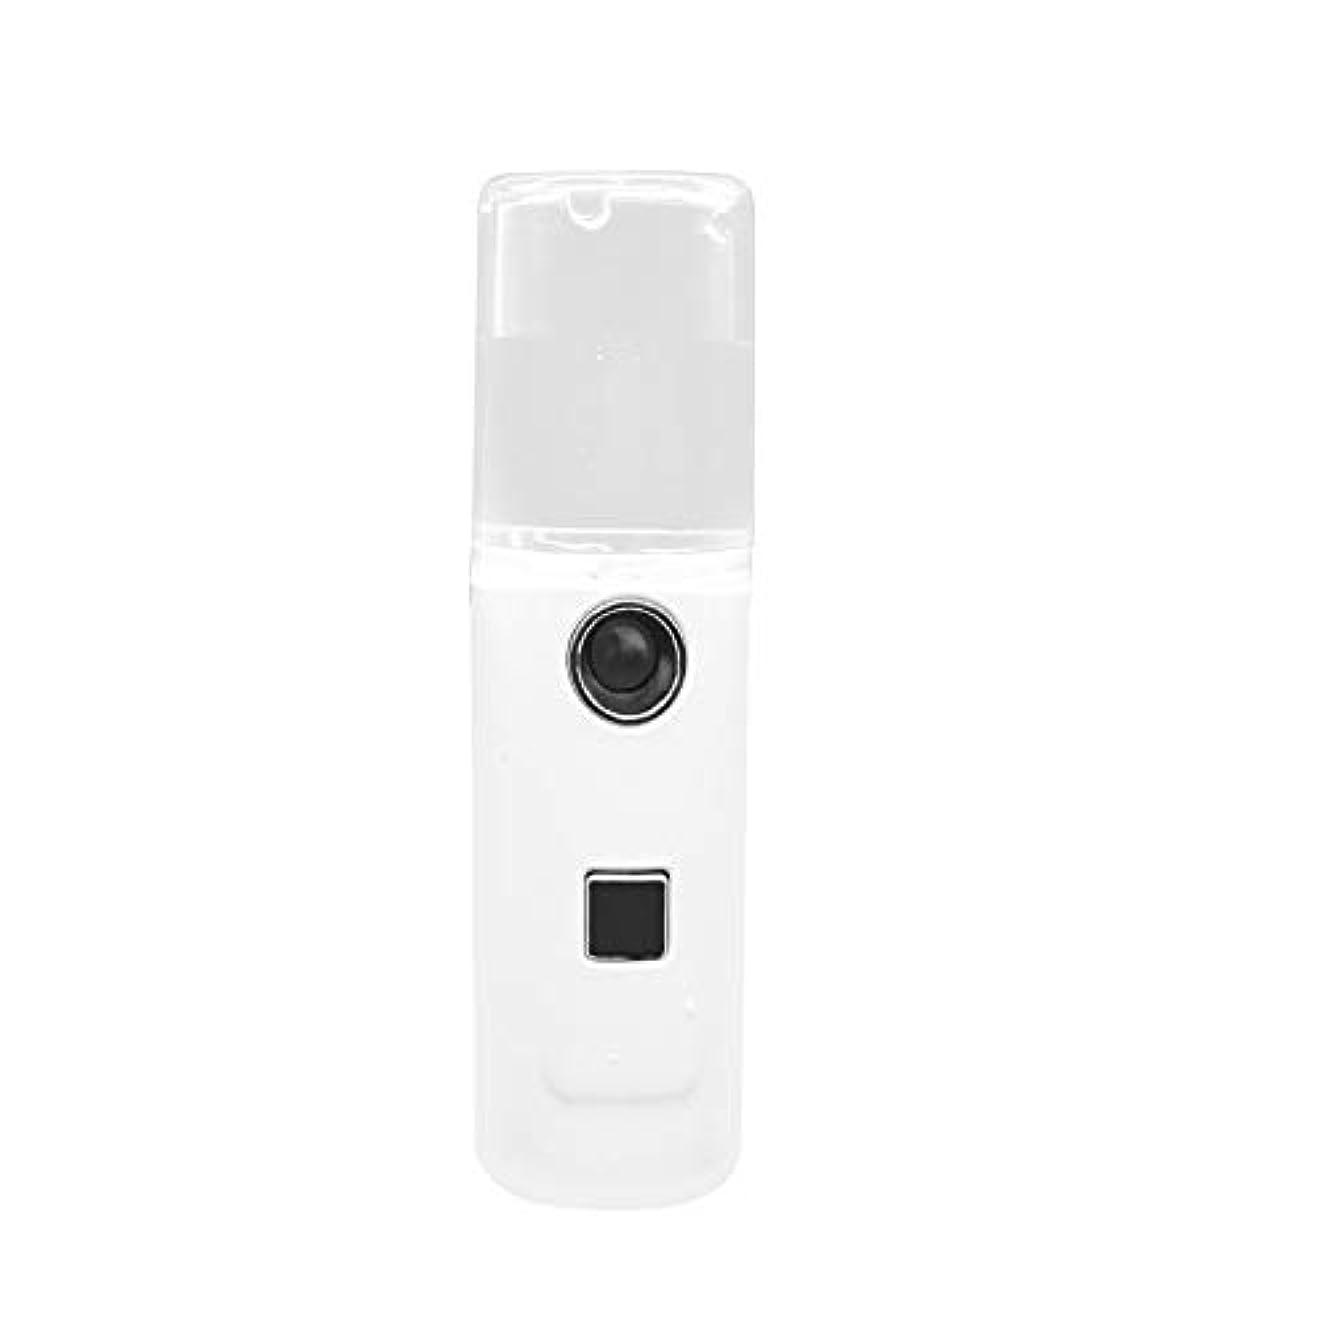 アドバンテージ温度計彼女ZXF 新しいナノスプレー水分補給器具美容保湿器加湿器車の噴霧器usb充電宝物保湿剤ホワイト透明 滑らかである